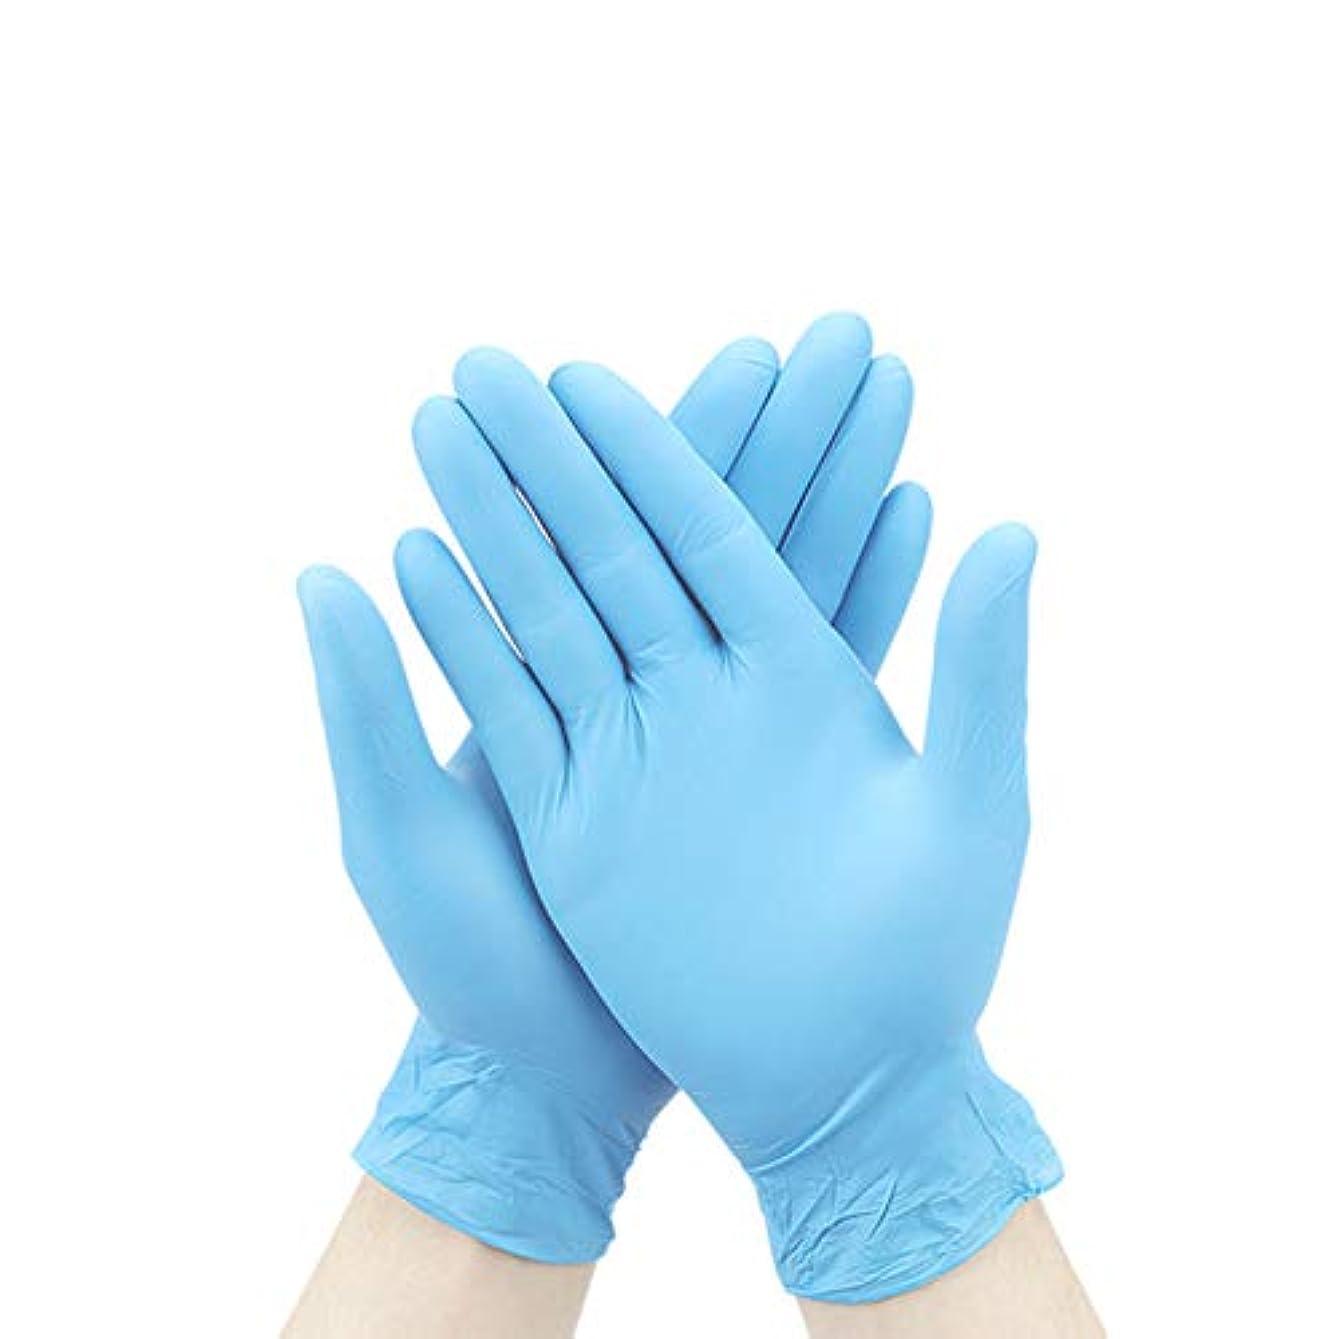 ウェイド大騒ぎアイデアACHICOO ニトリルゴム手袋 使い捨て手袋 100個/箱 9インチ ブラック検査実験 耐久性 クリーン電子 ライトブルー 1ペア